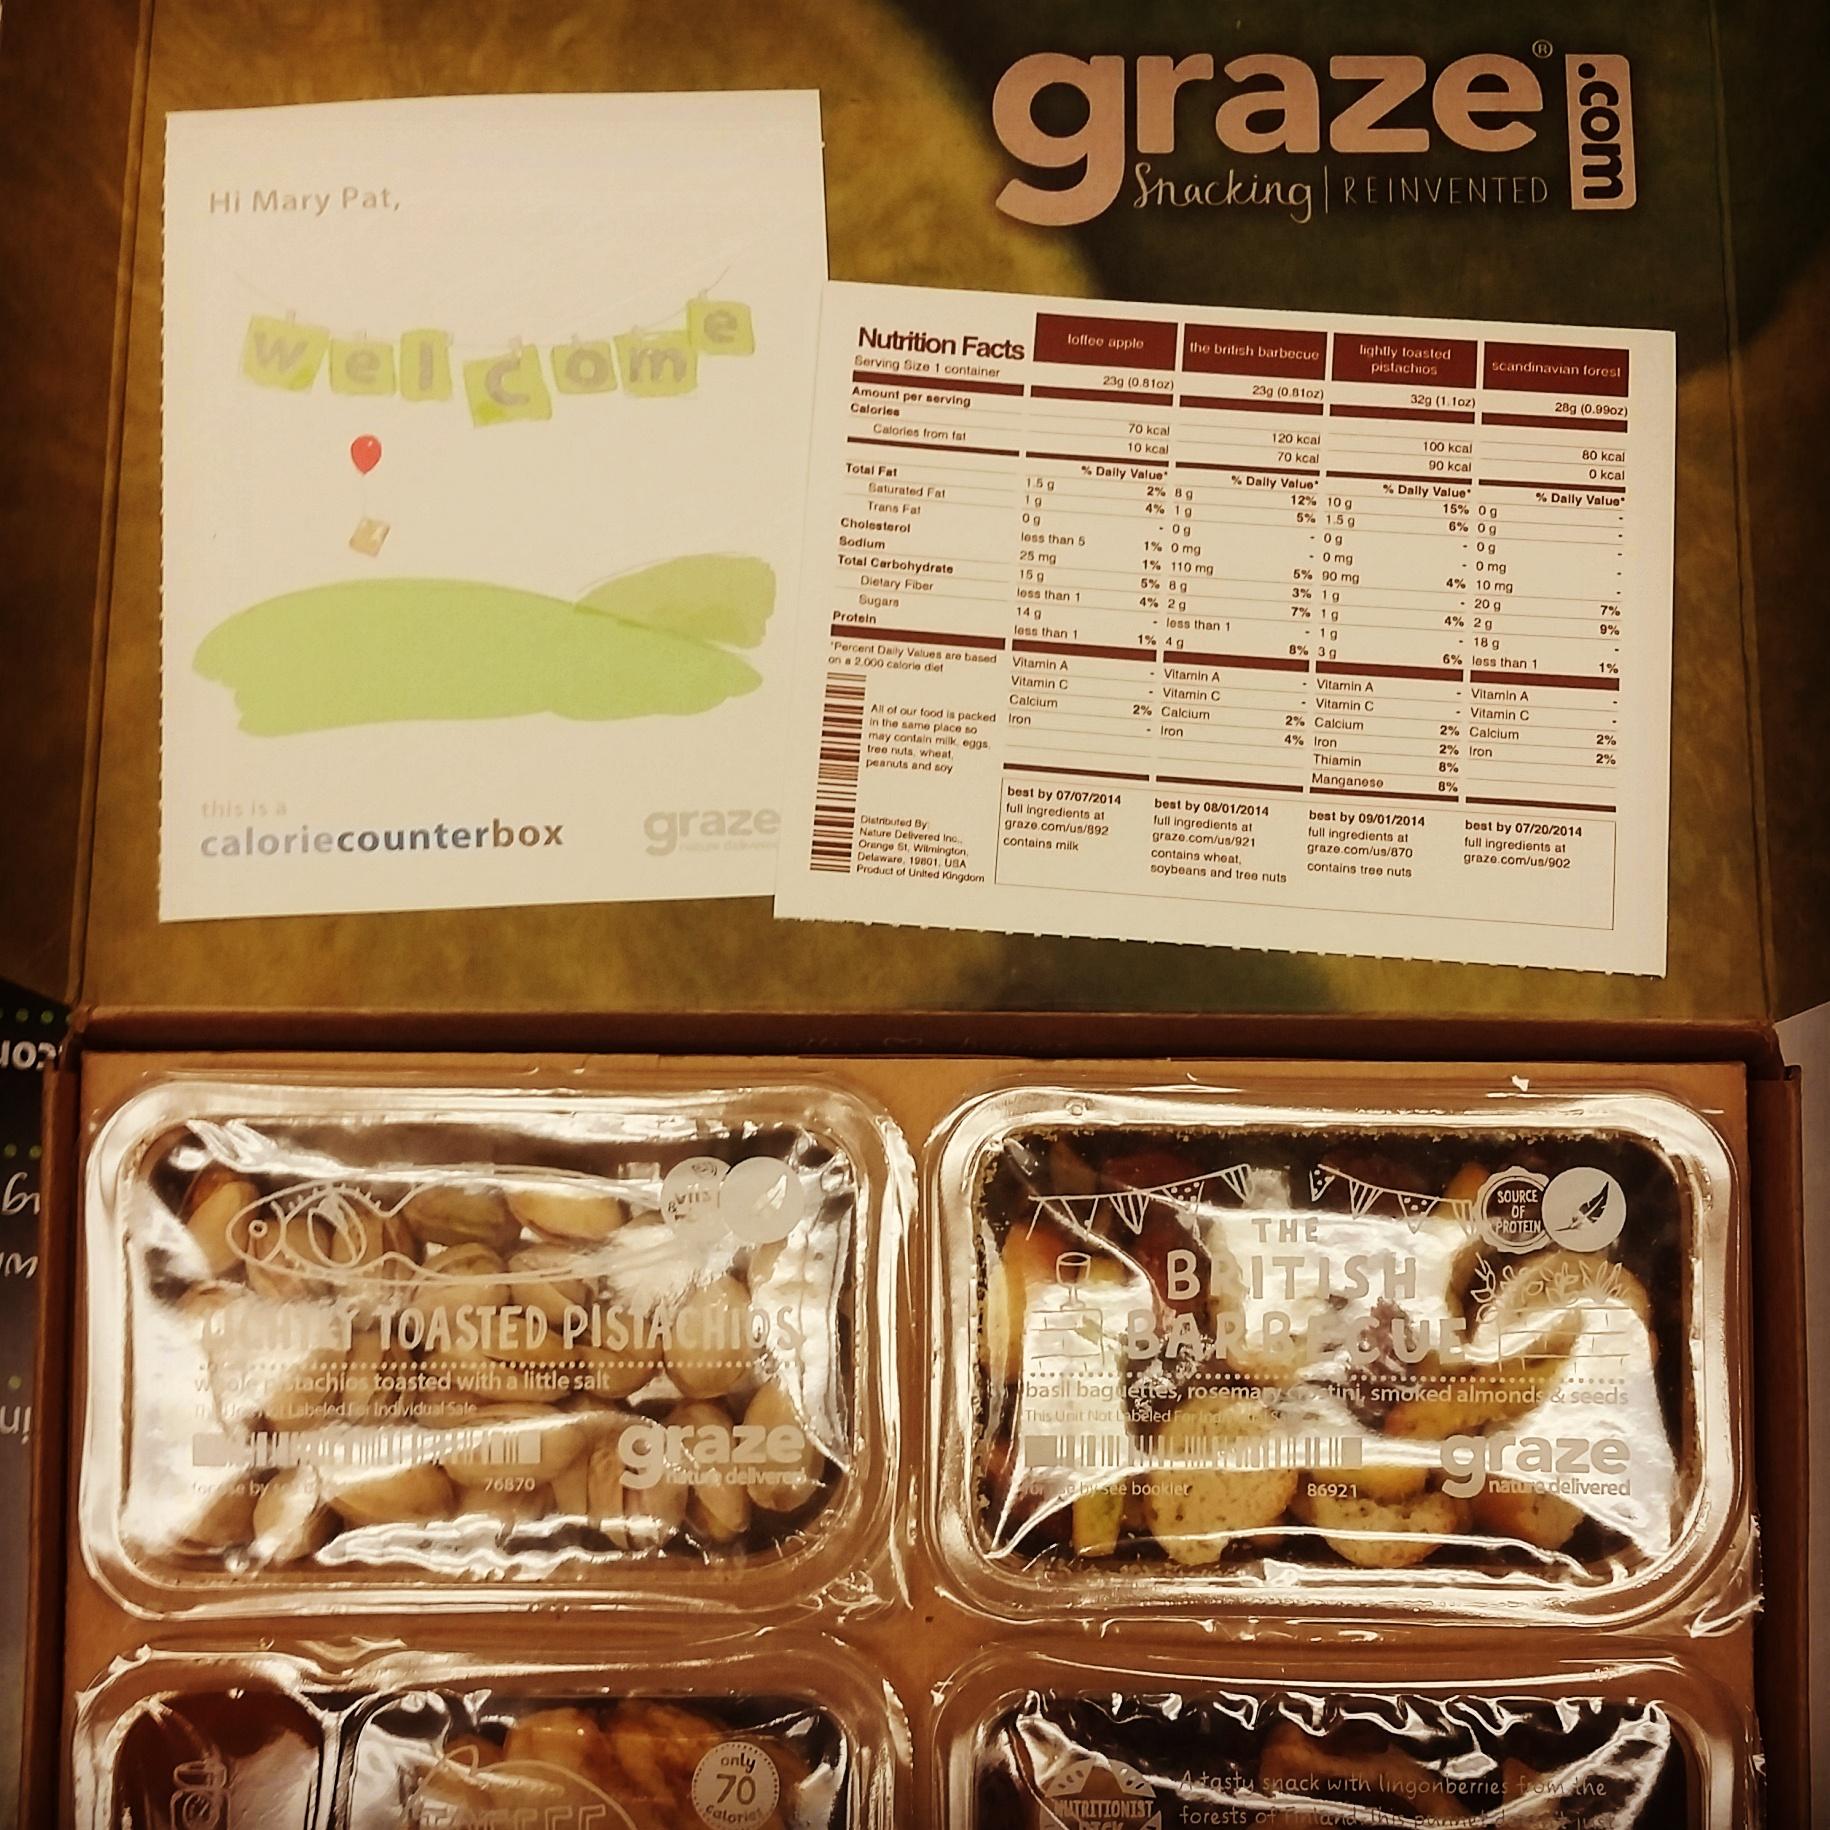 My Graze Box